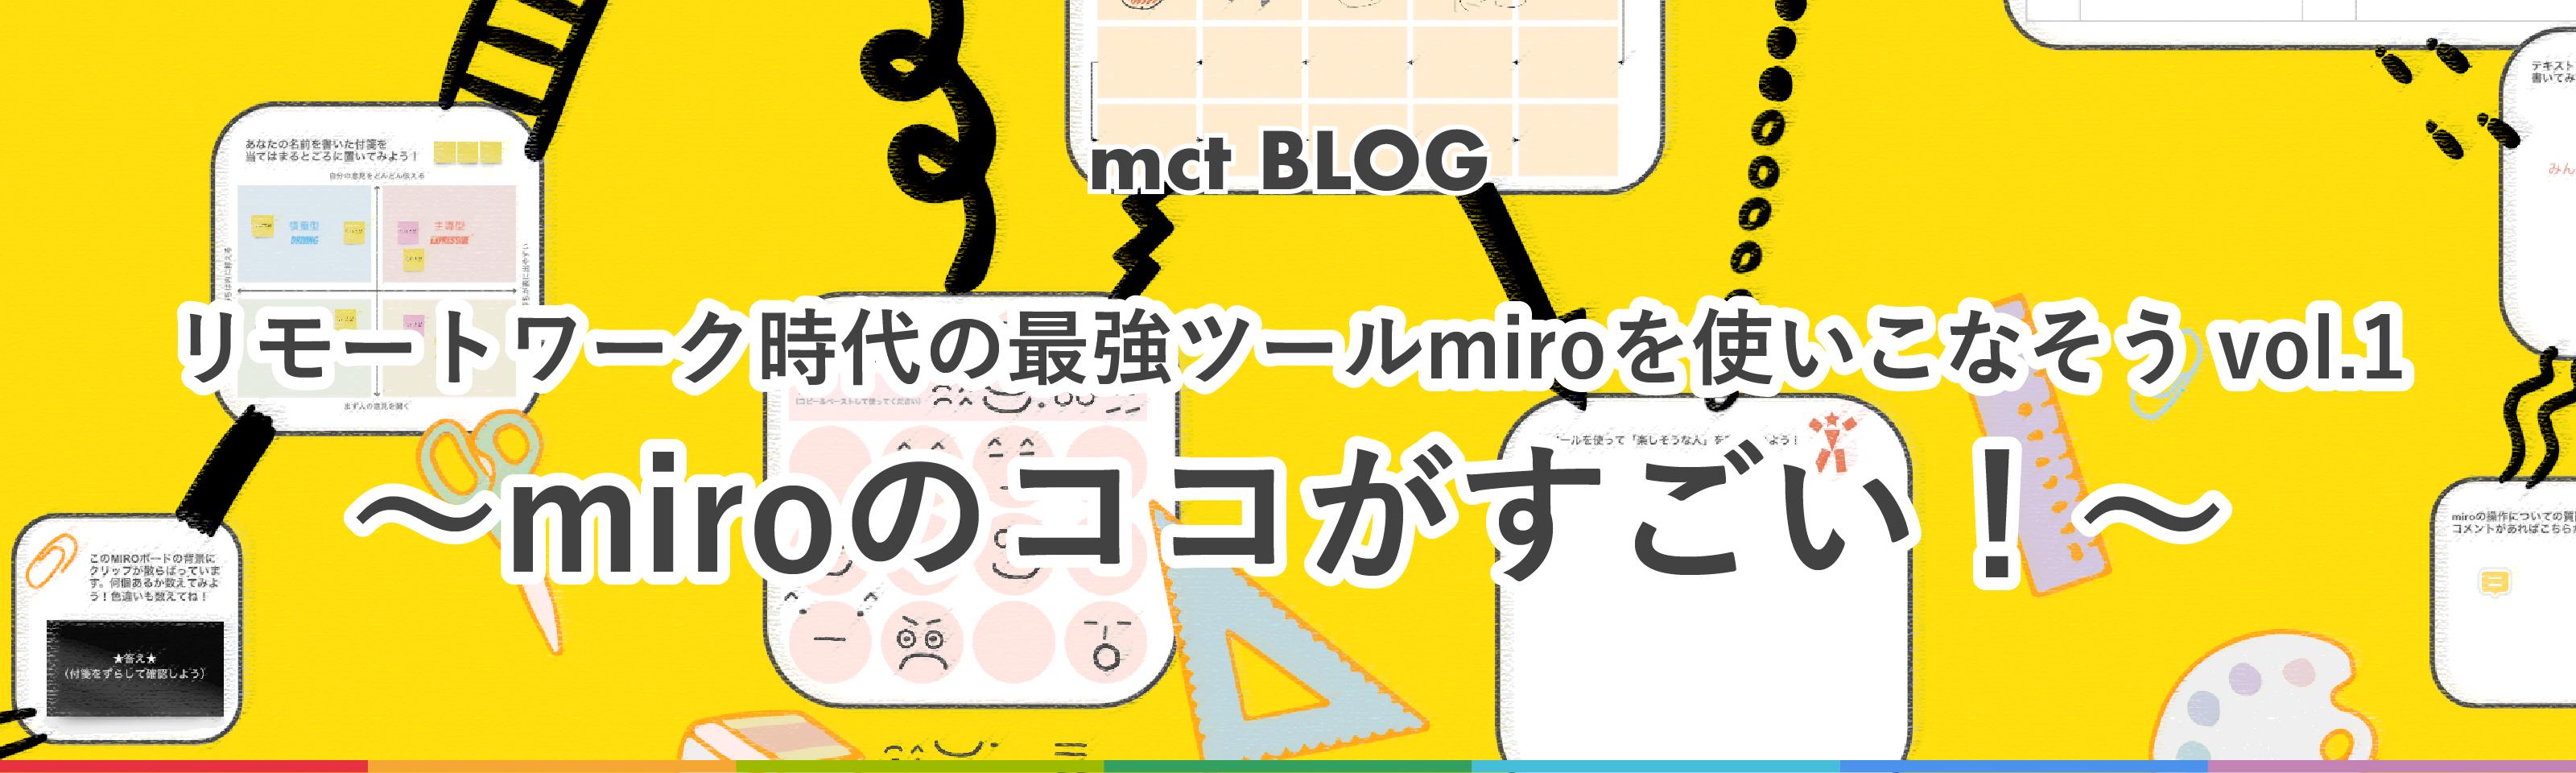 Blog|リモートワーク時代の最強ツールmiroを使いこなそう vol.1